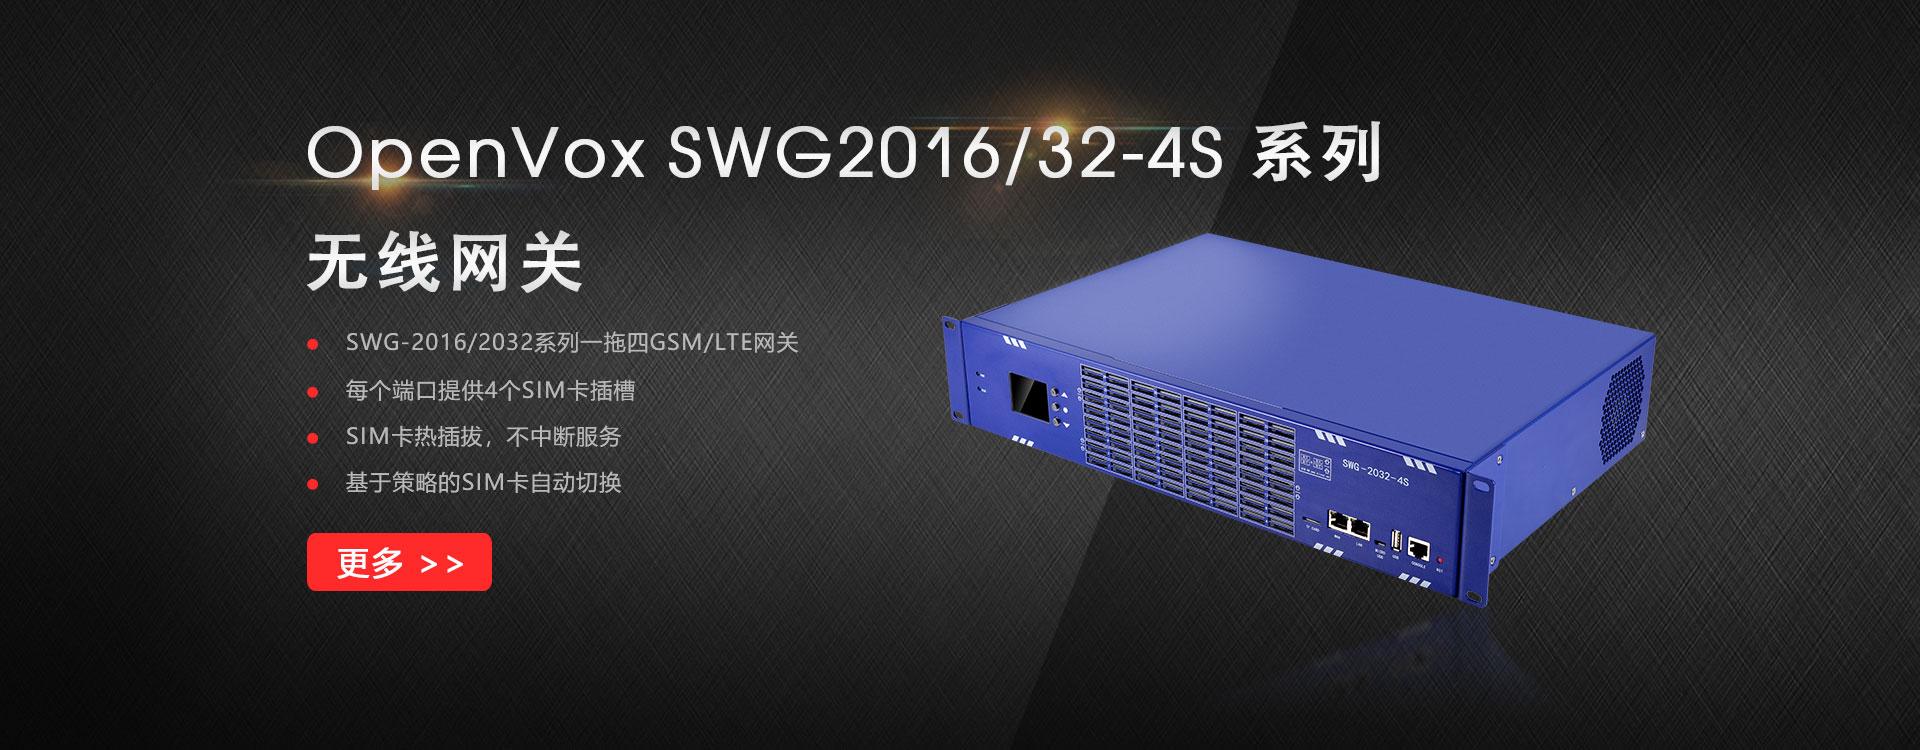 SWG2016-32-4S-cn